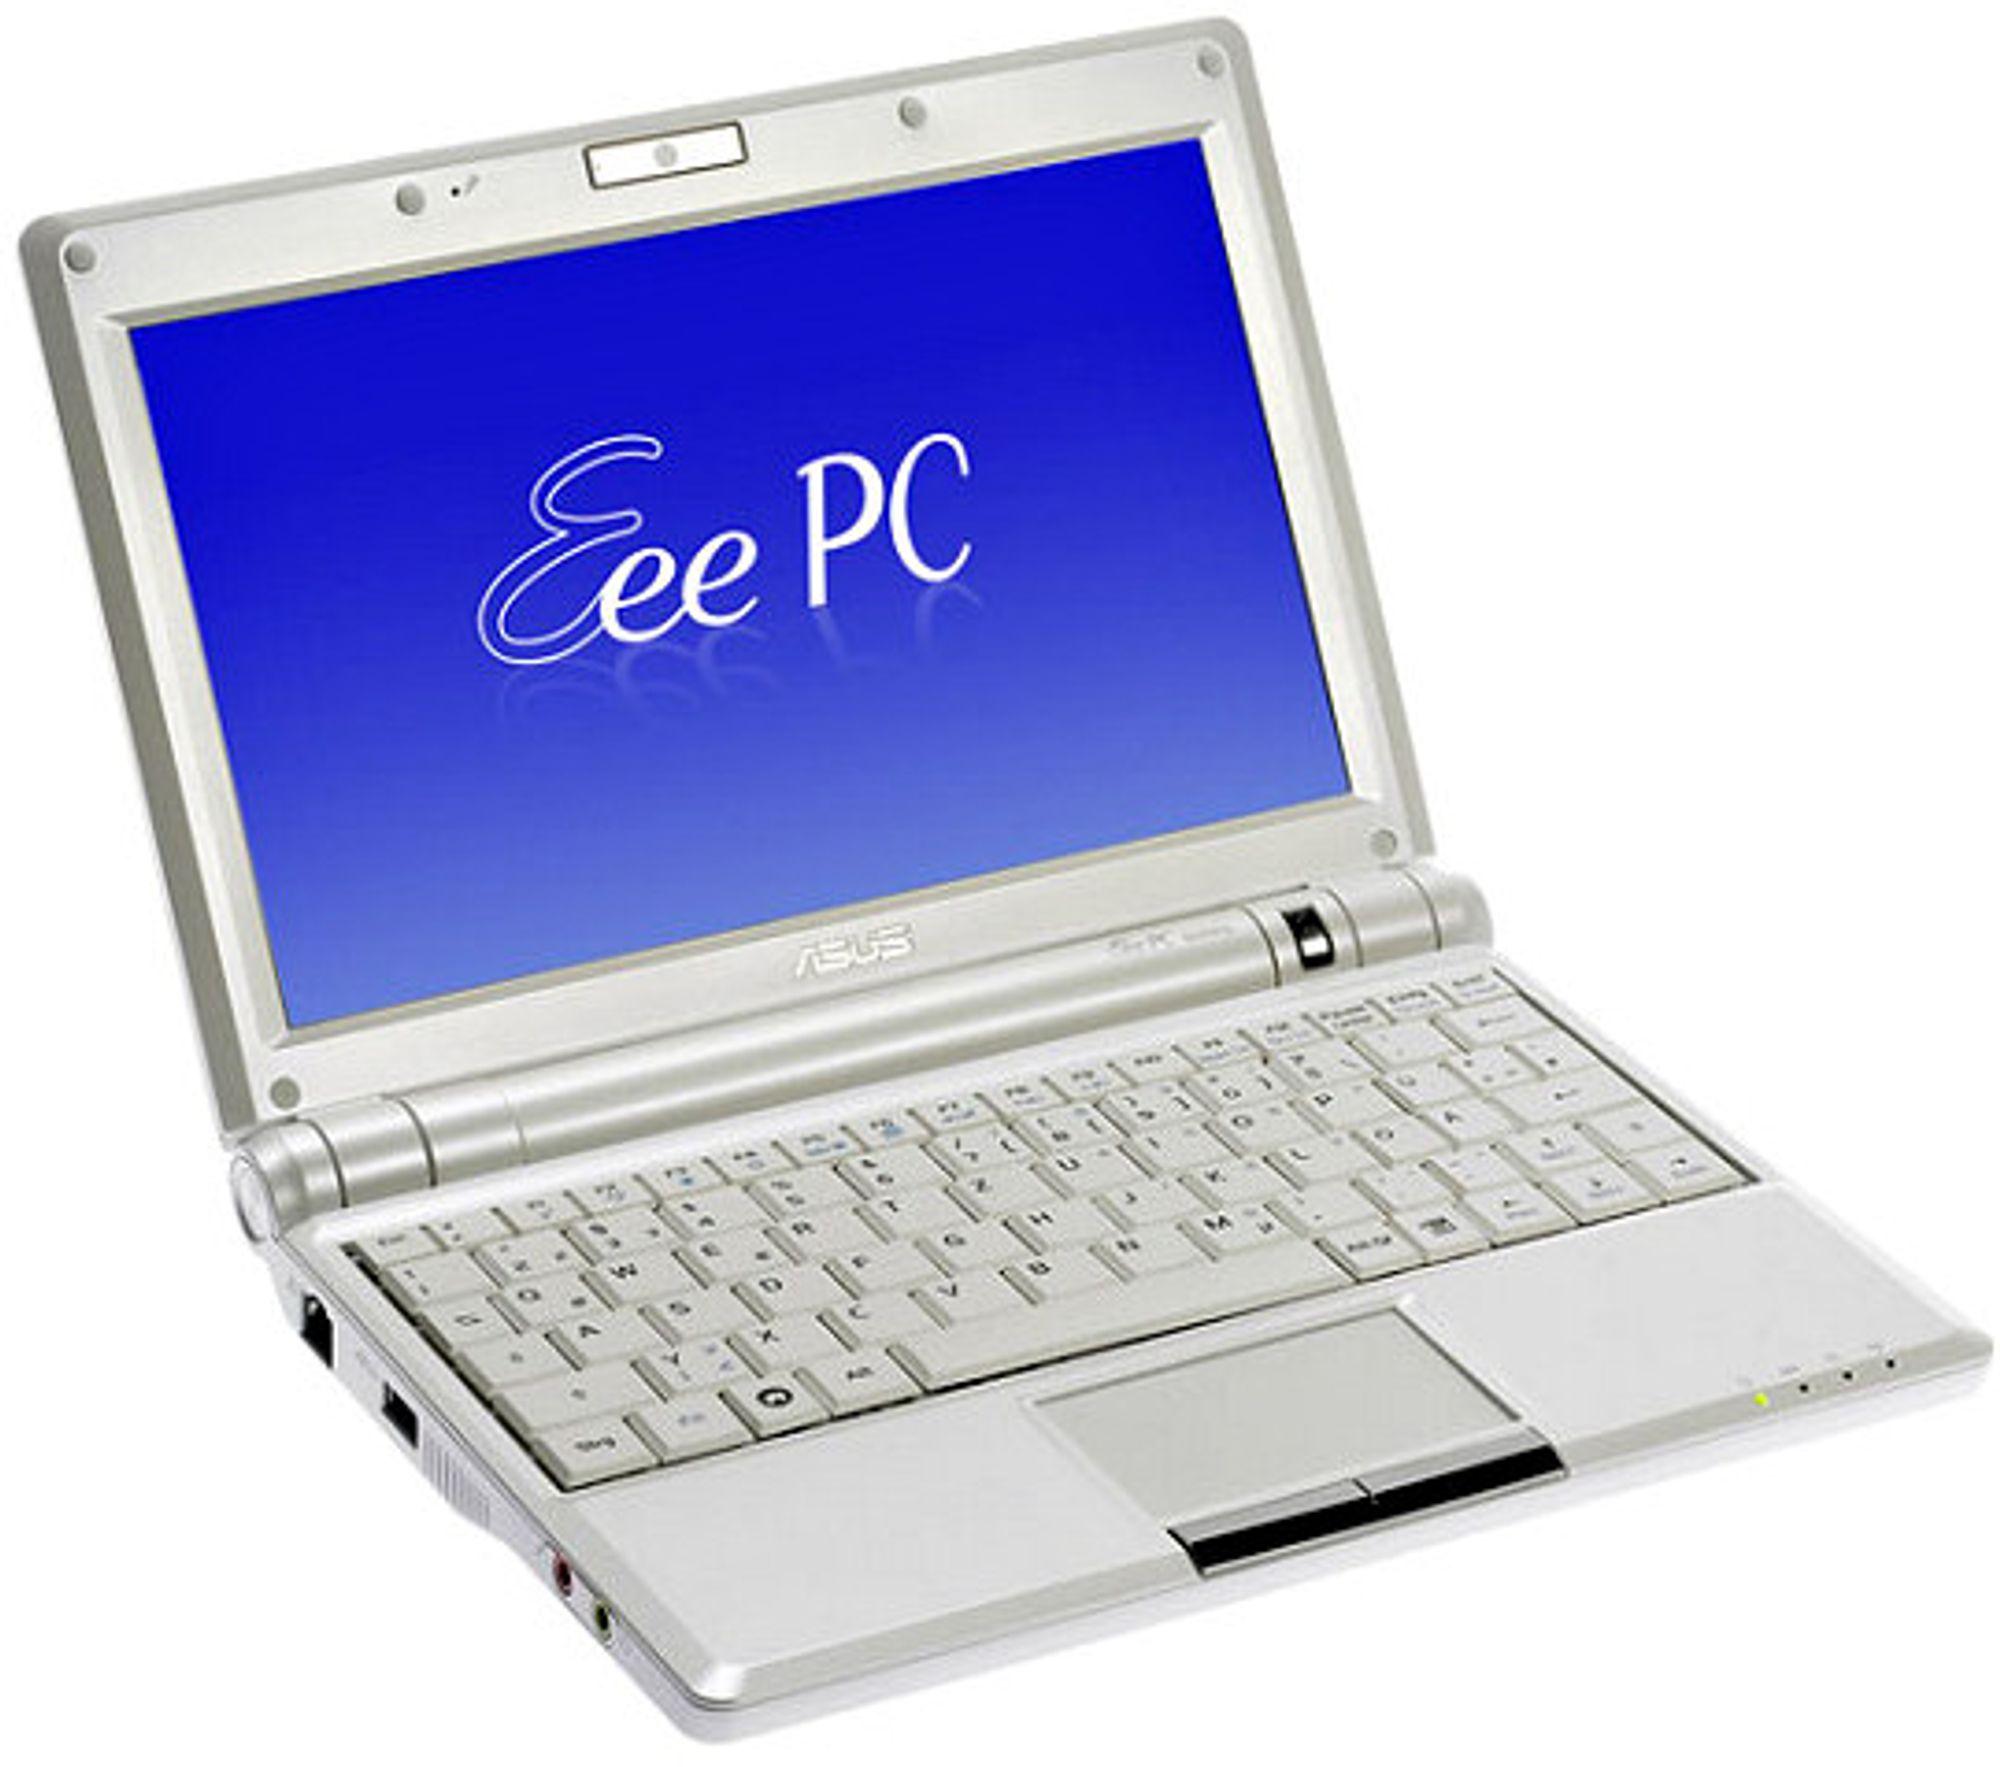 Fases ut: Asus Eee PC 900